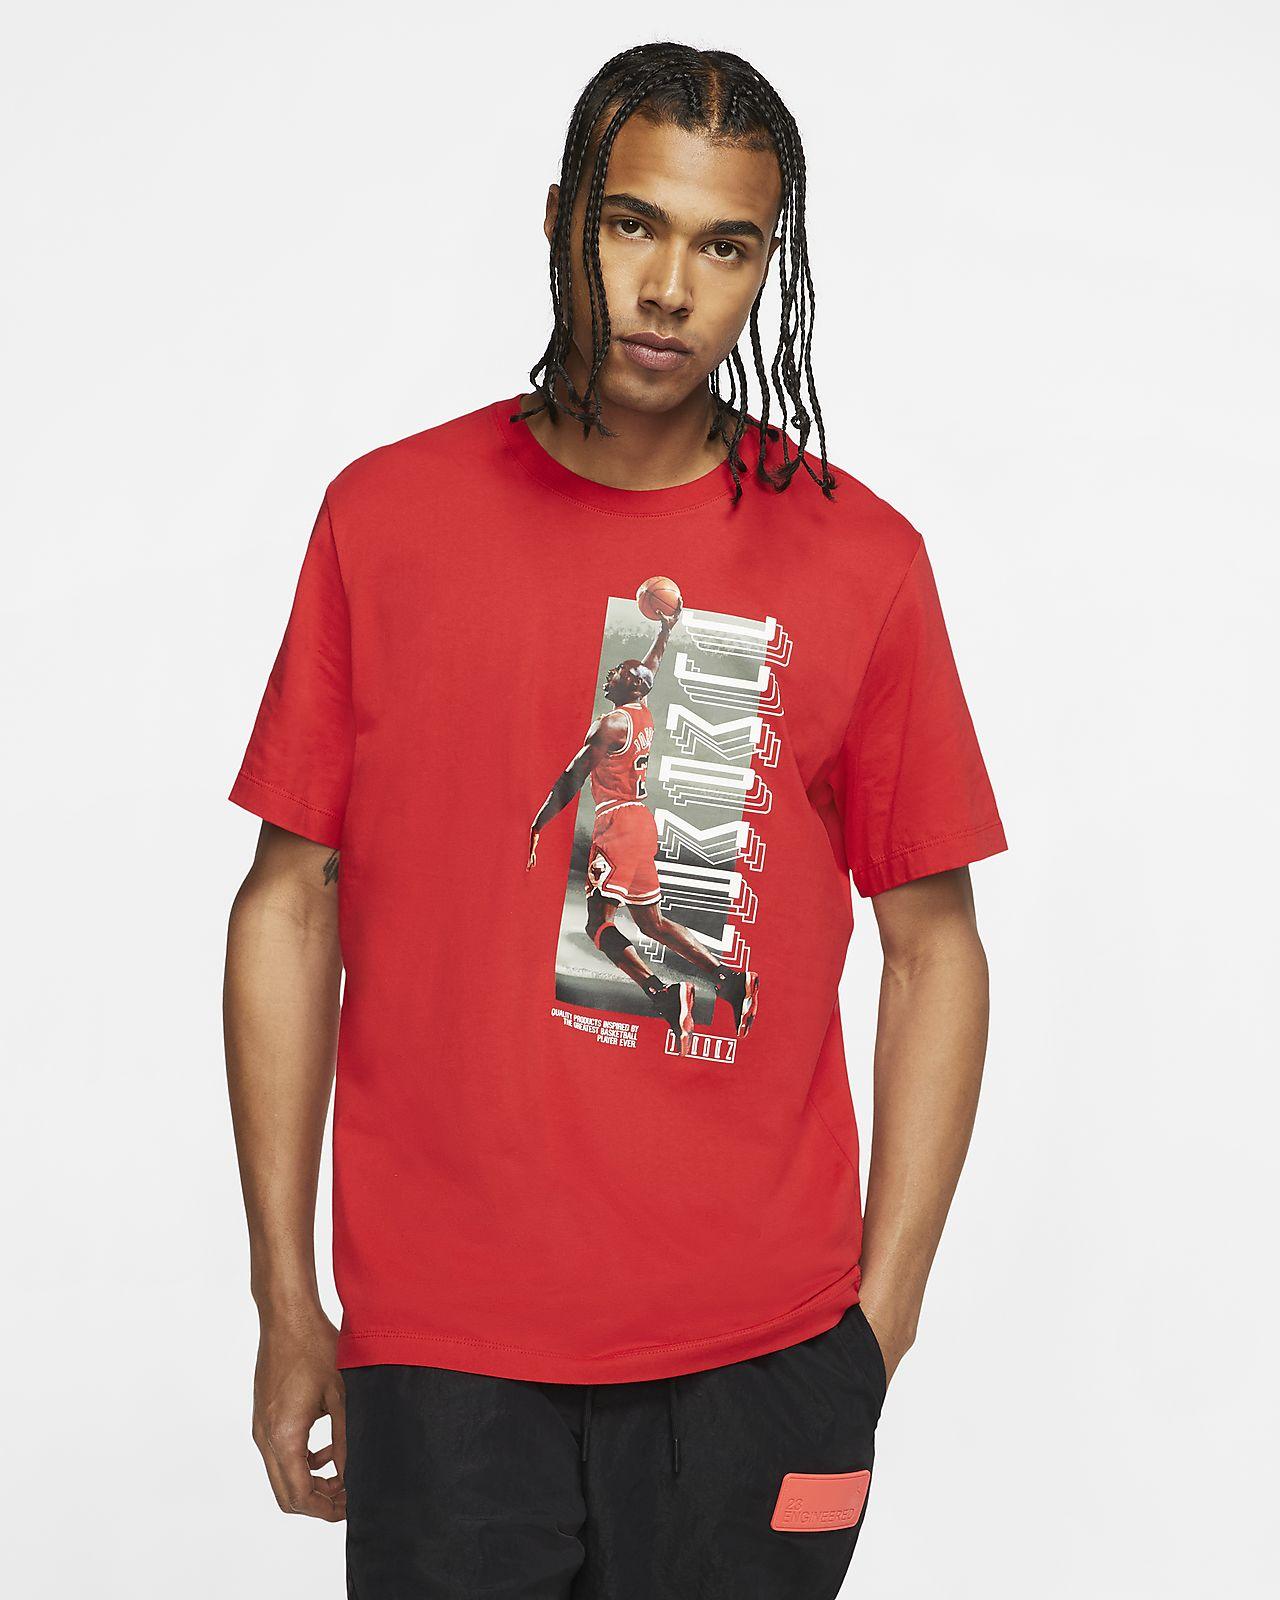 เสื้อยืดแขนสั้นผู้ชาย Jordan Legacy AJ11